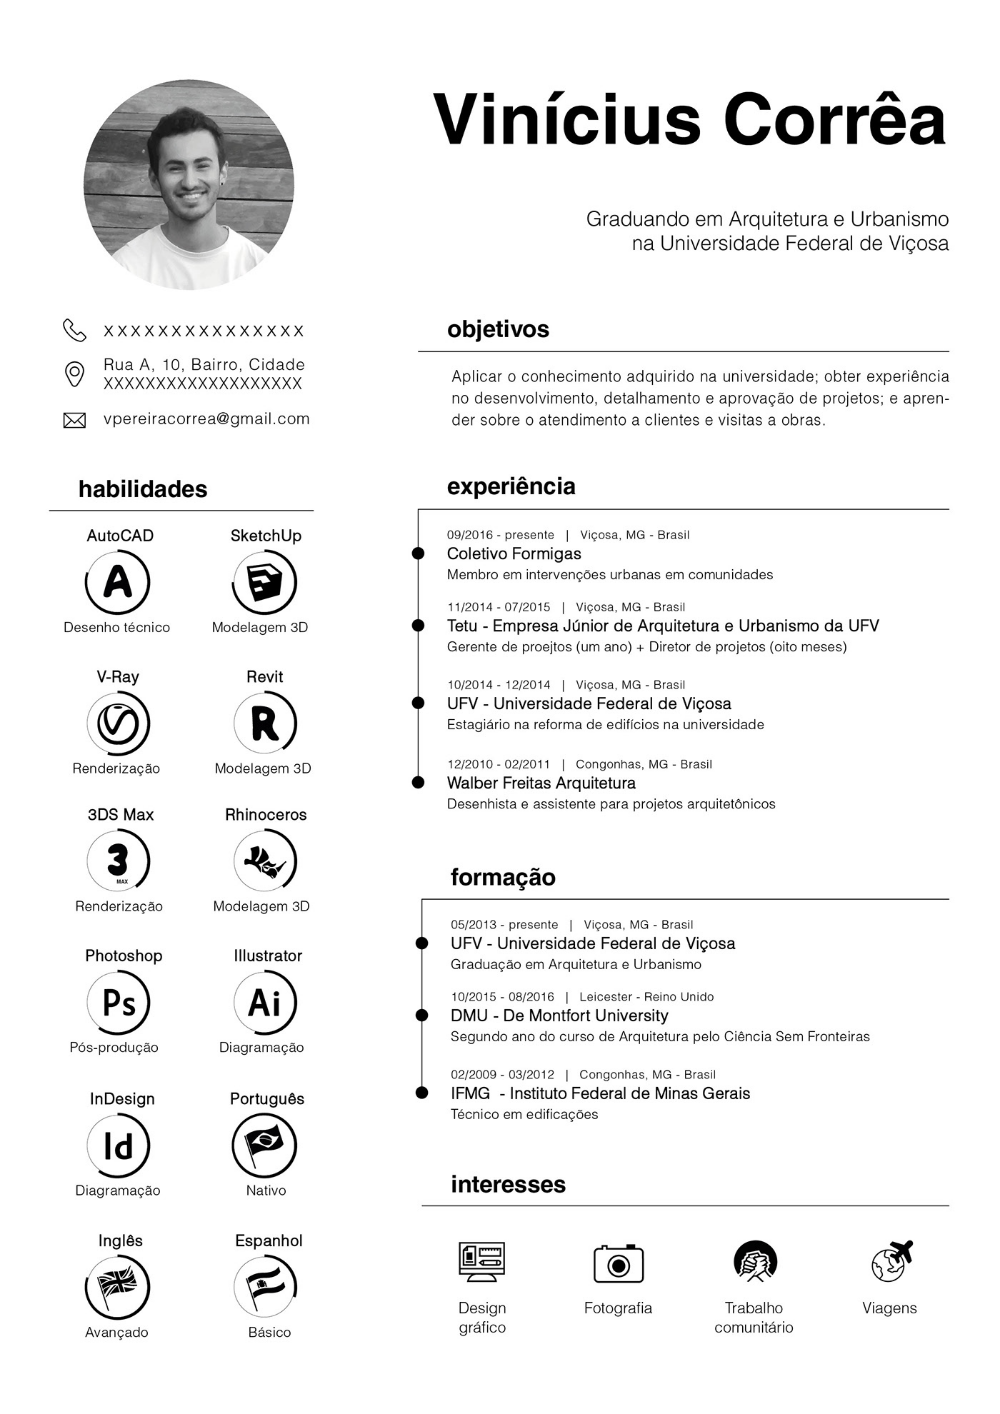 Cv Resume Vinicius Correa On Behance Graphic Design Resume Resume Design Creative Architecture Resume